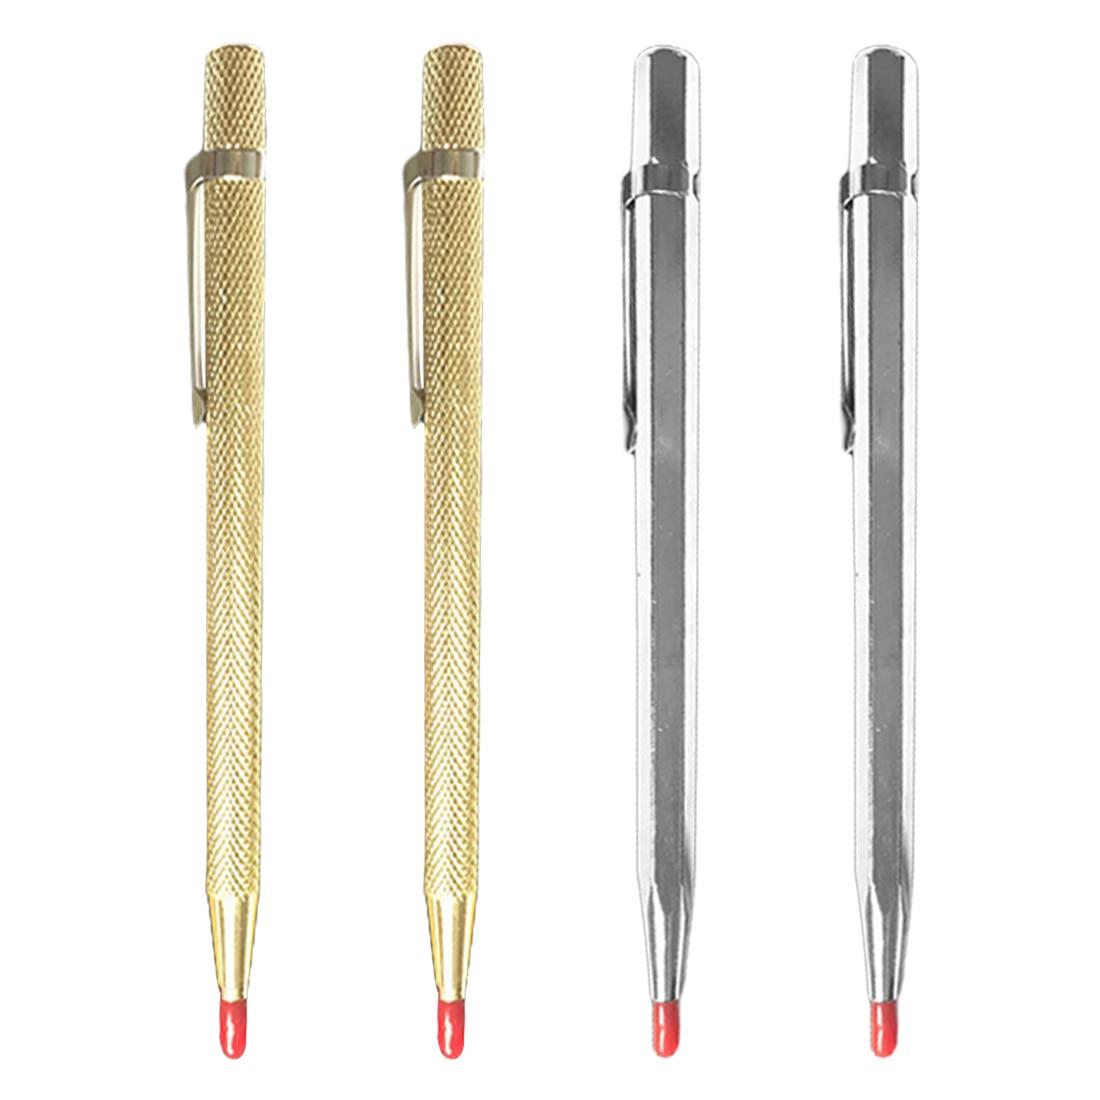 Алмазный резак для стекла, карбидный разметчик, жесткая металлическая плитка, режущая машина, надпись, ручка, гравер, стеклянный нож, Scriber, режущий инструмент